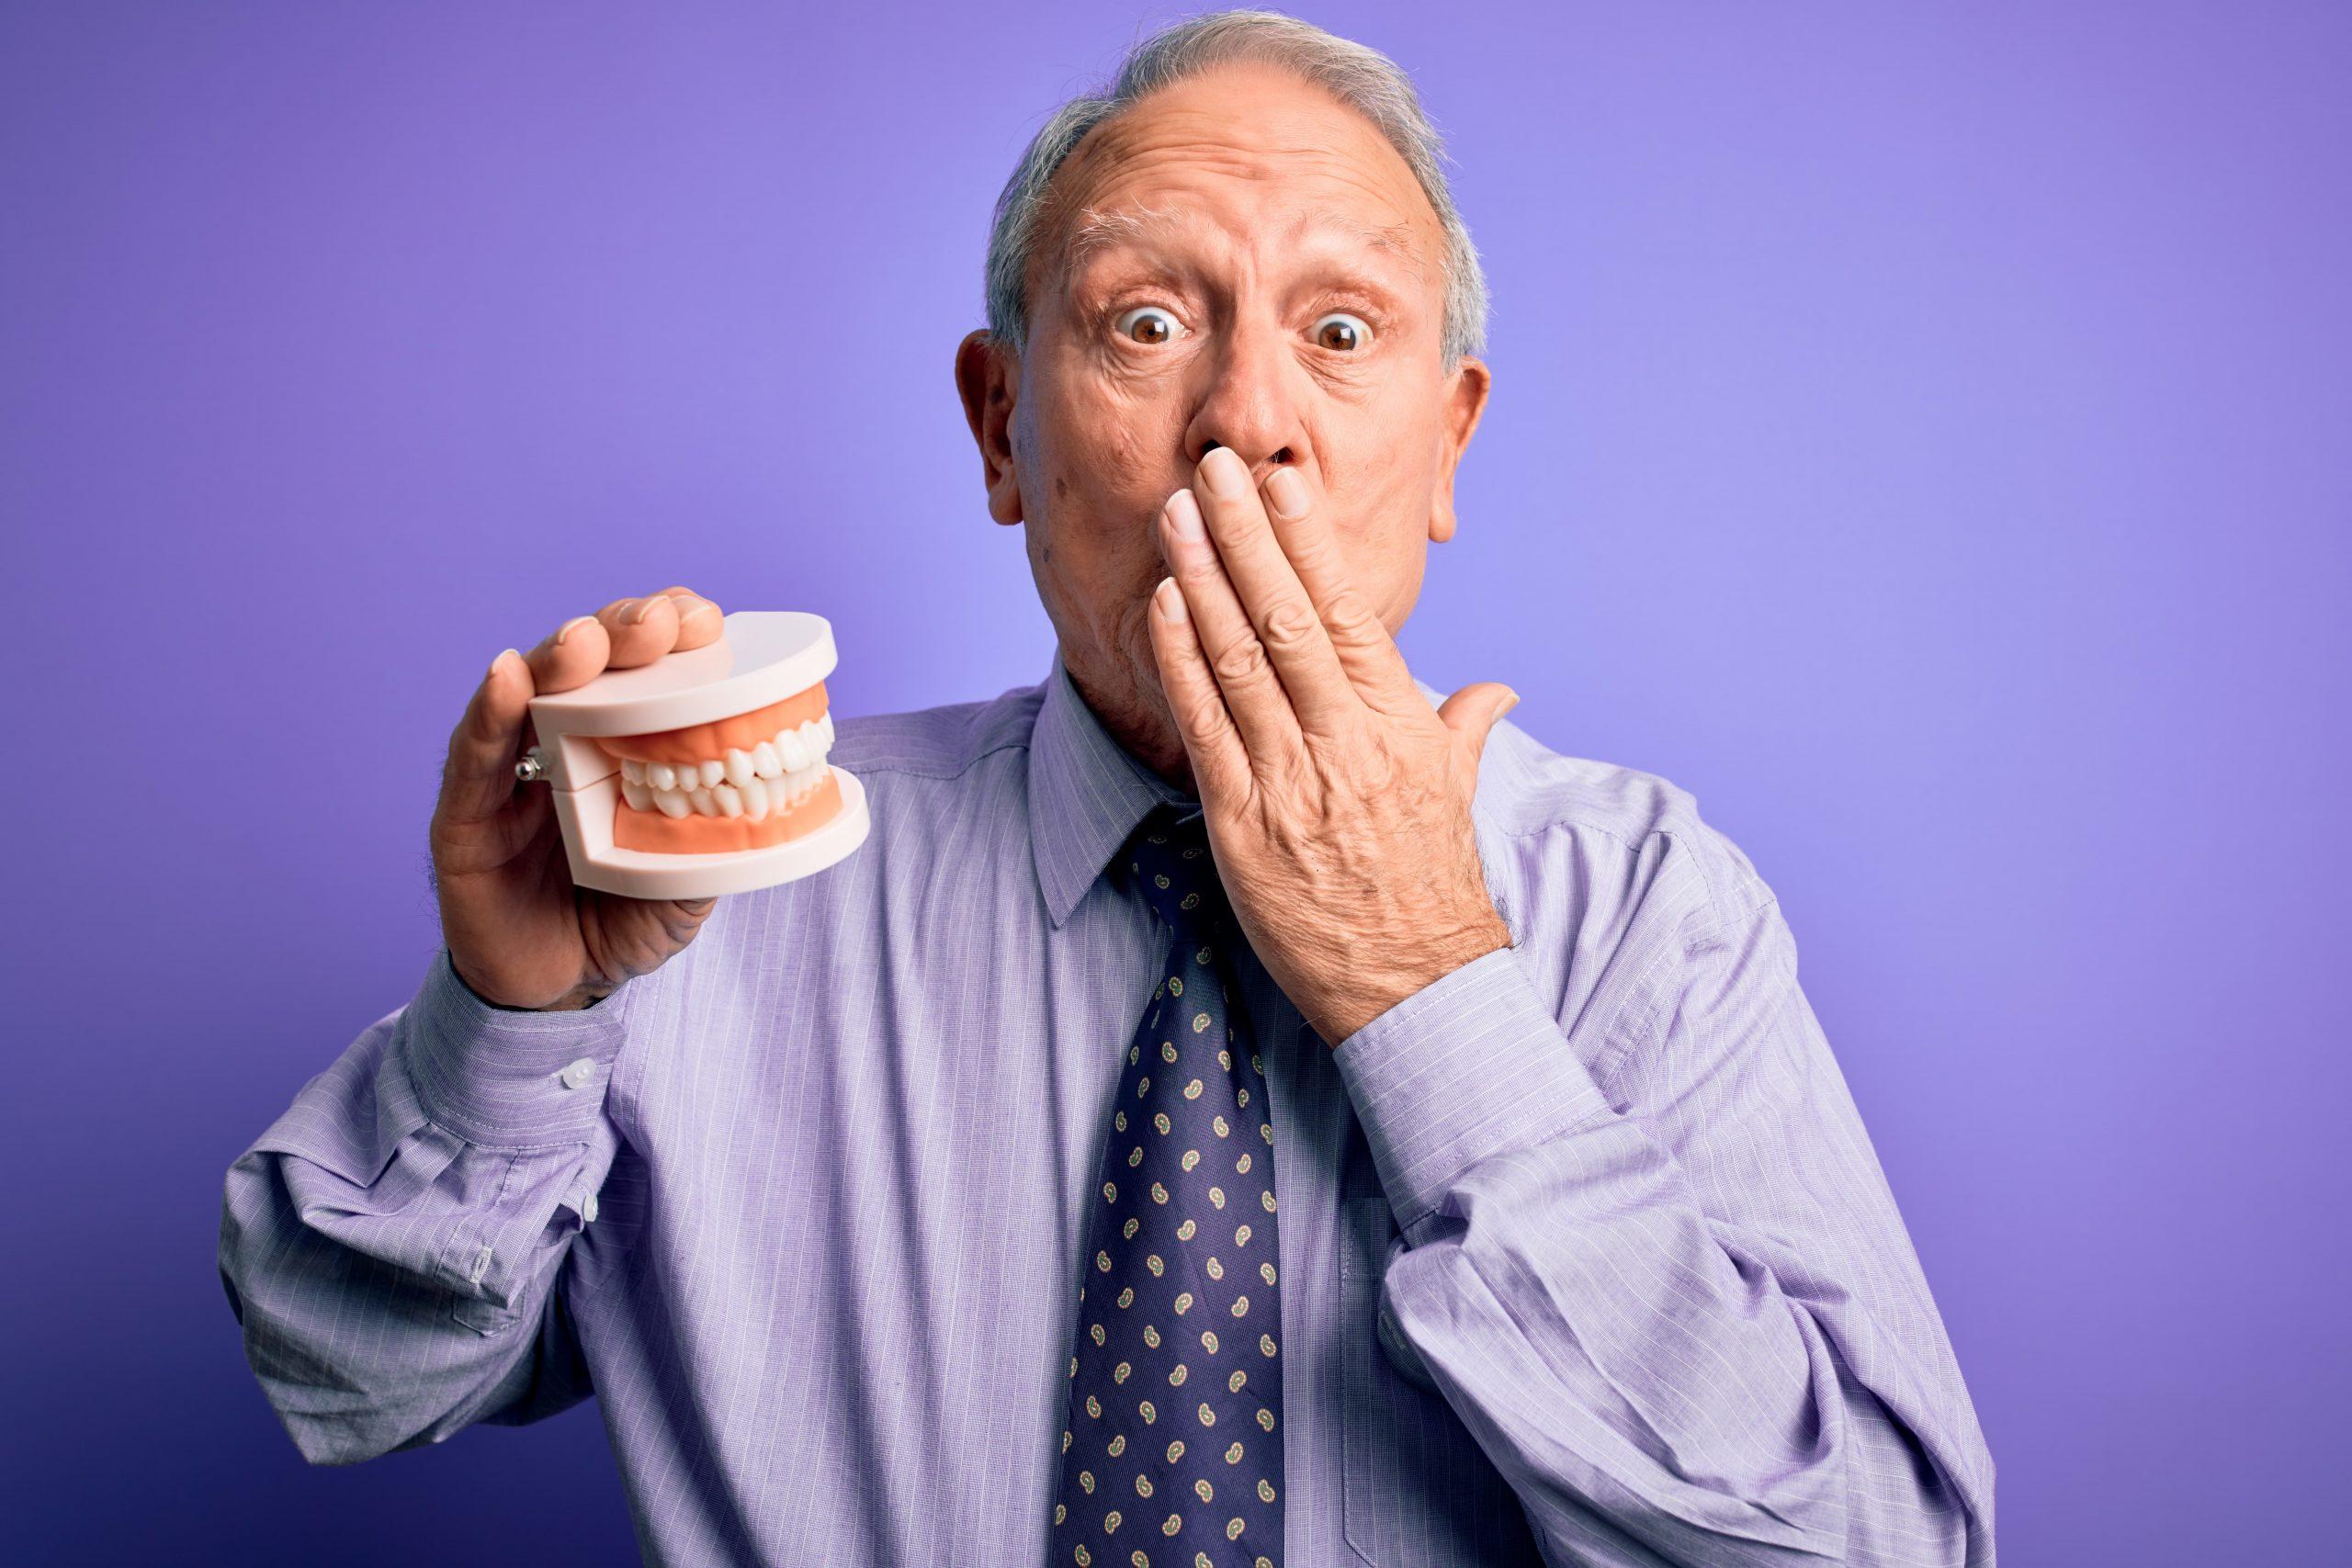 dental clinic in dorking